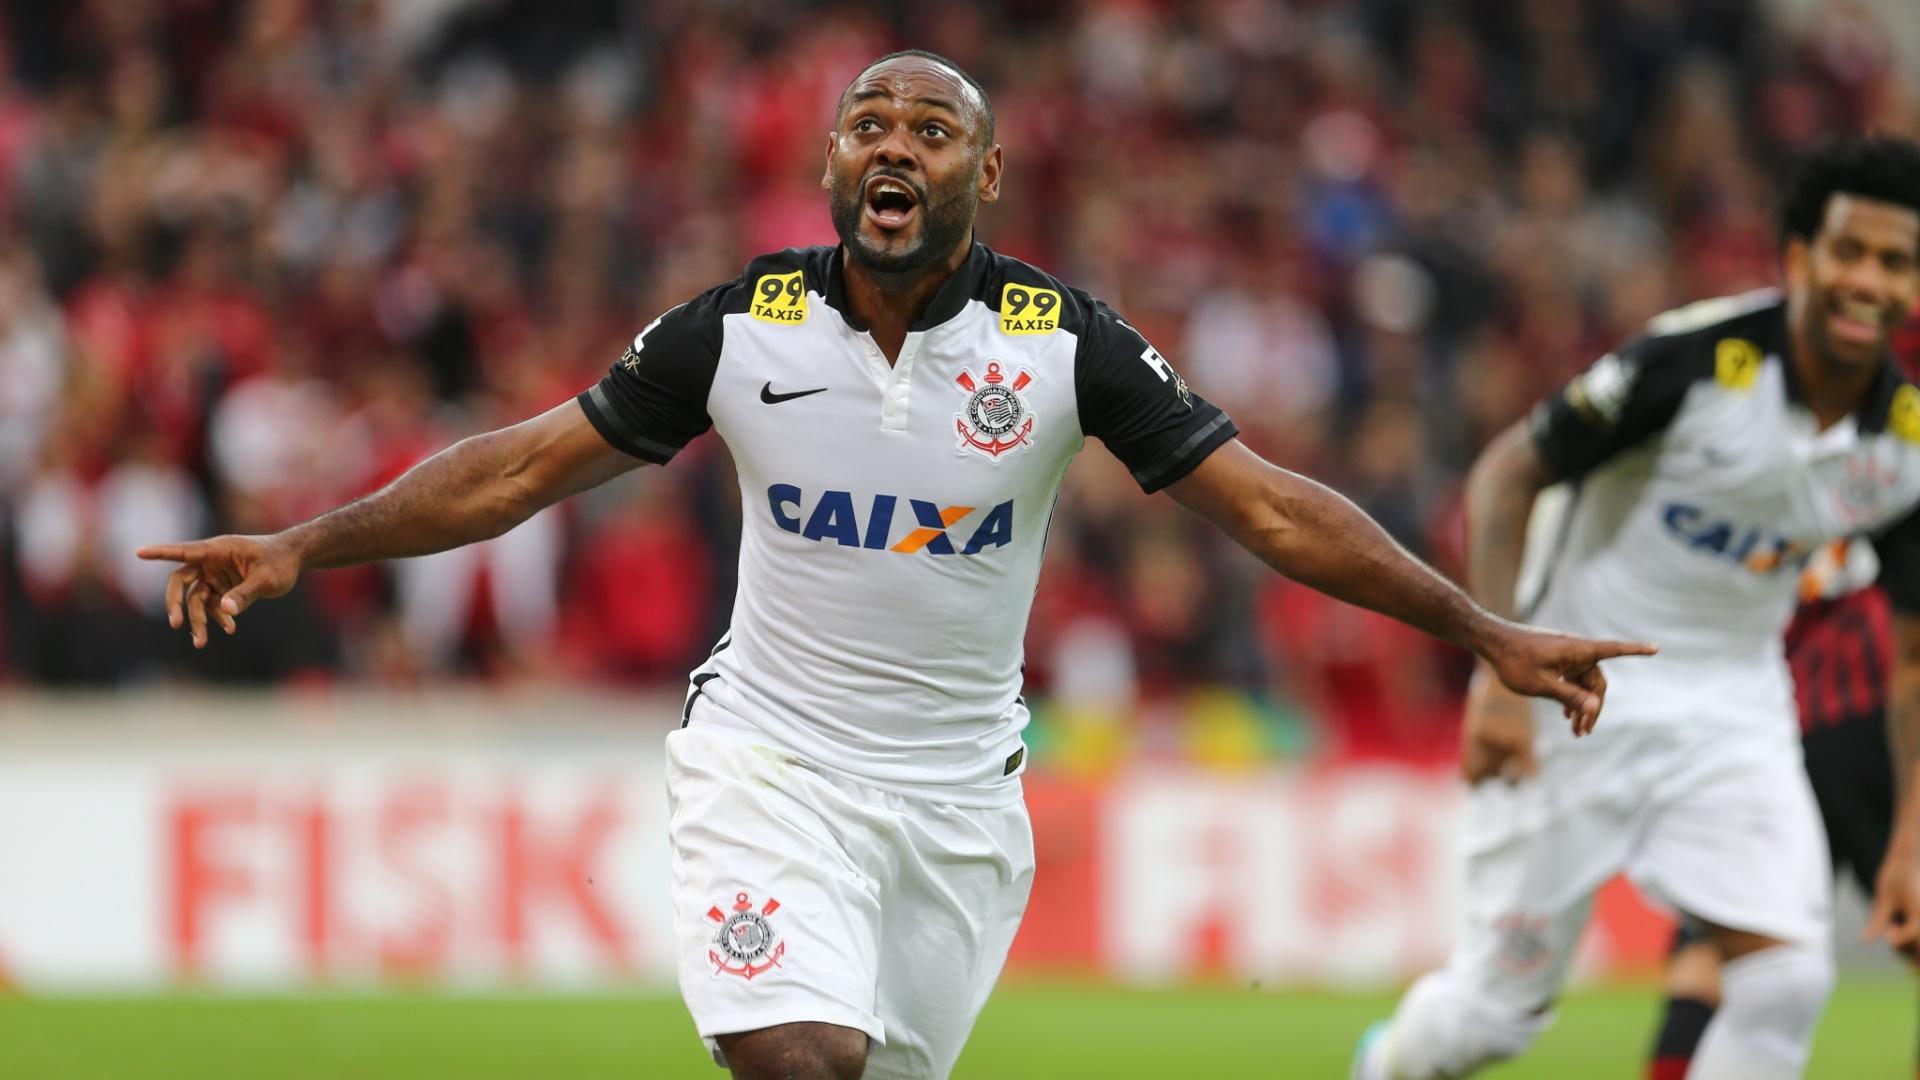 Vágner Love, do Corinthians, comemora após marcar o seu segundo gol durante partida contra o Atlético-PR pelo Brasileirão